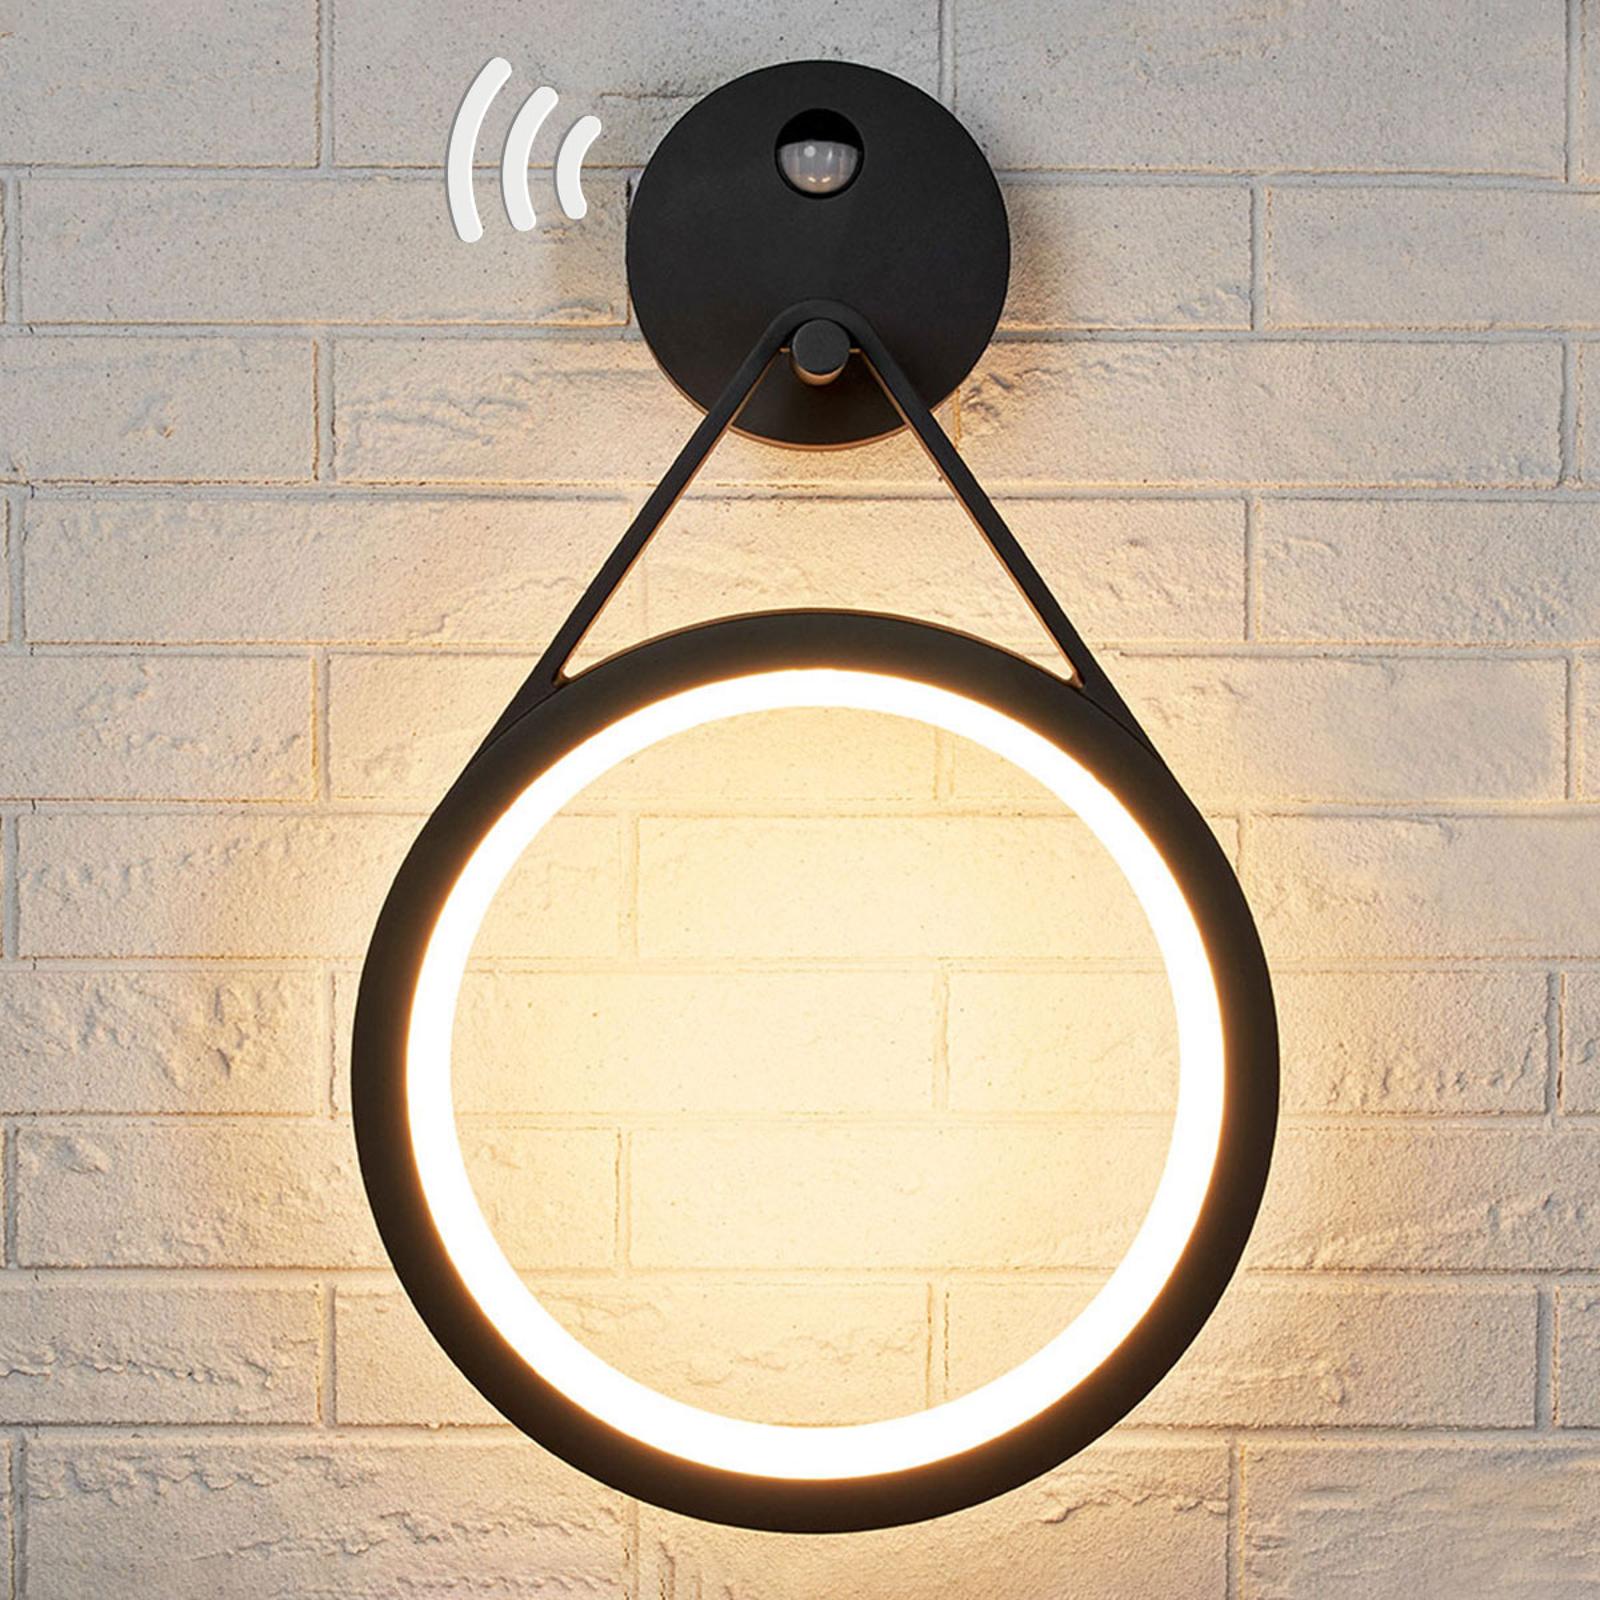 Aplique LED para exterior Mirco con sensor, anillo